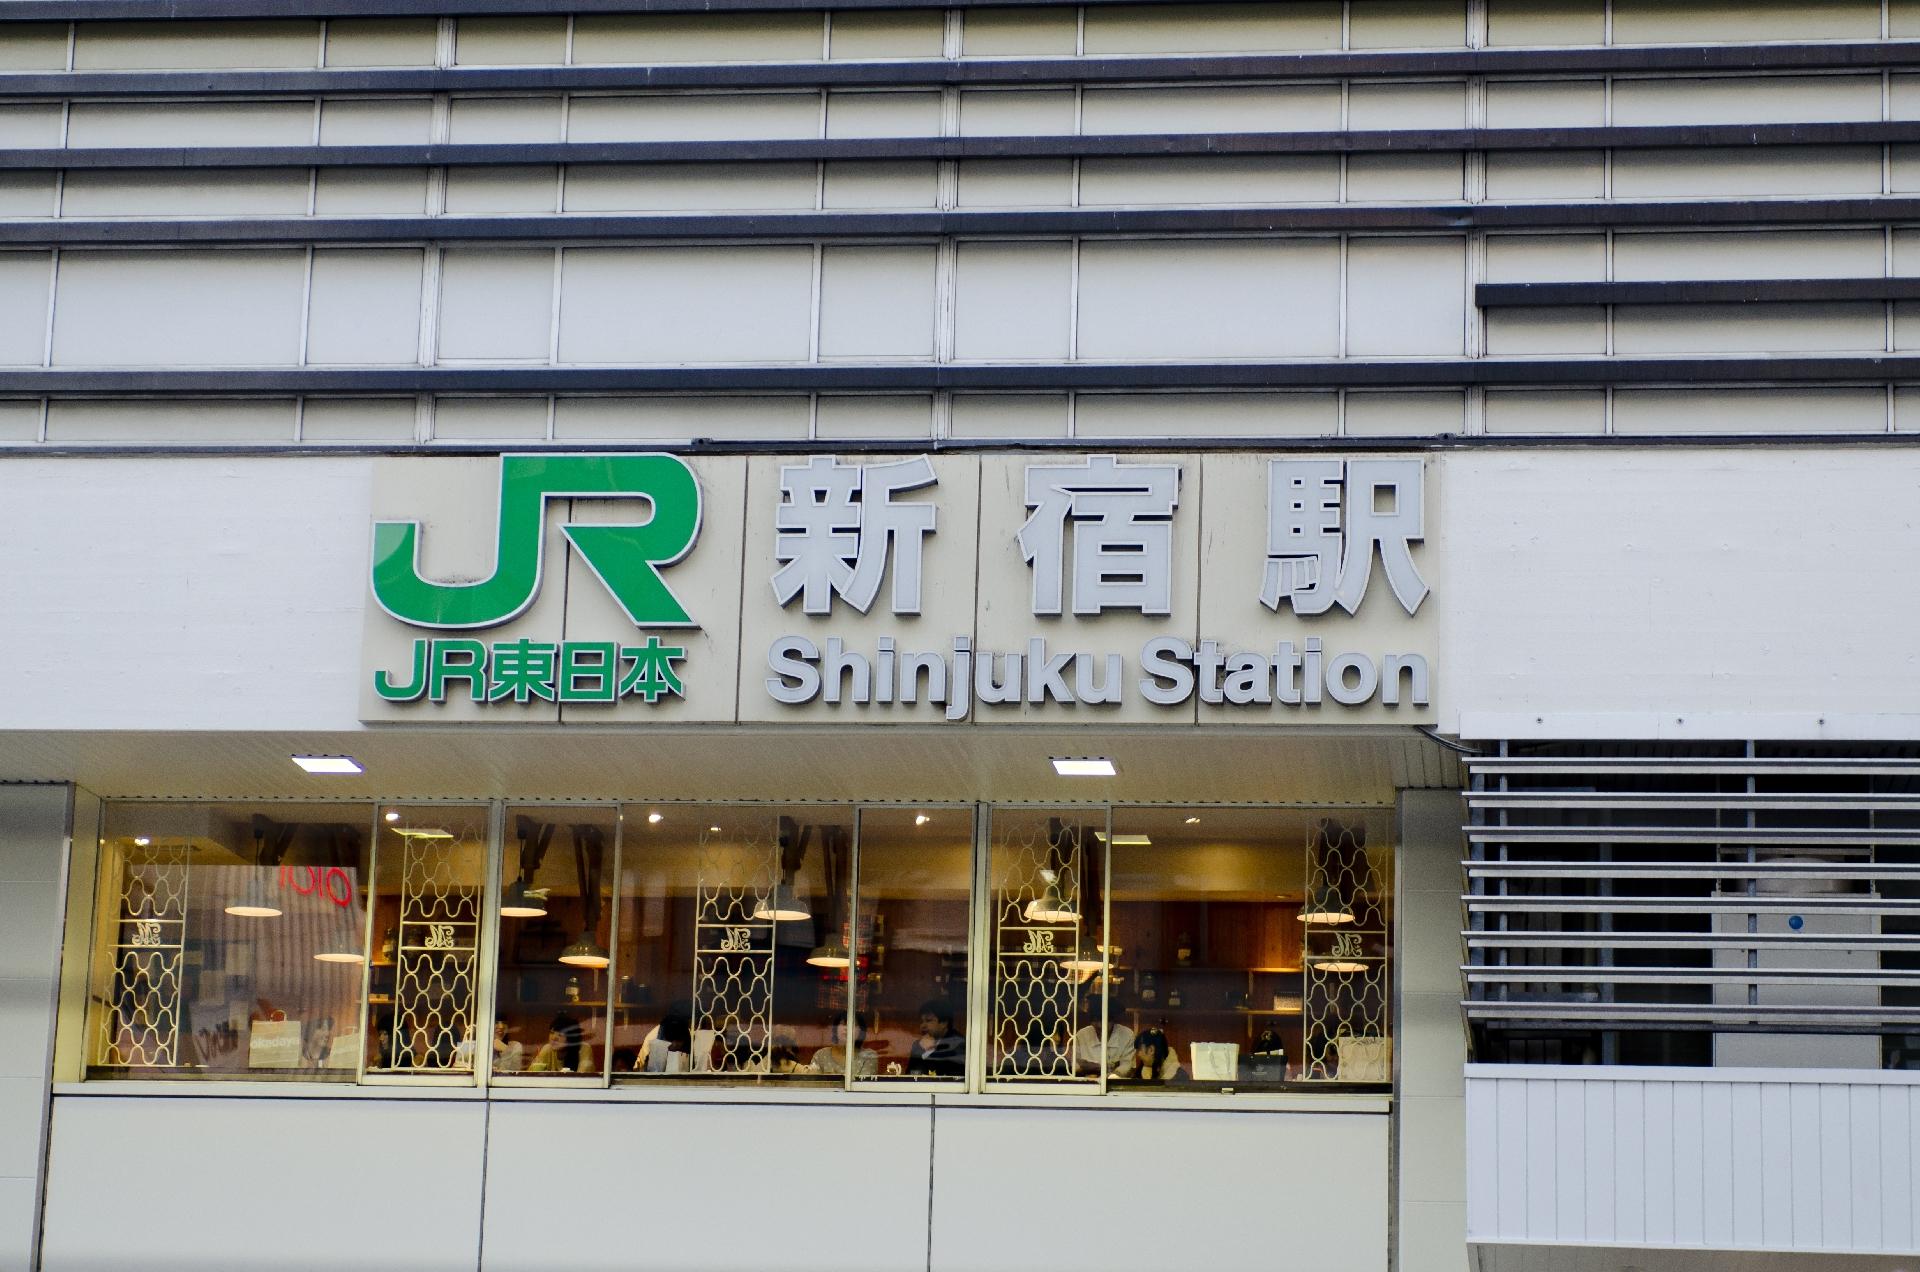 映画のまち・新宿